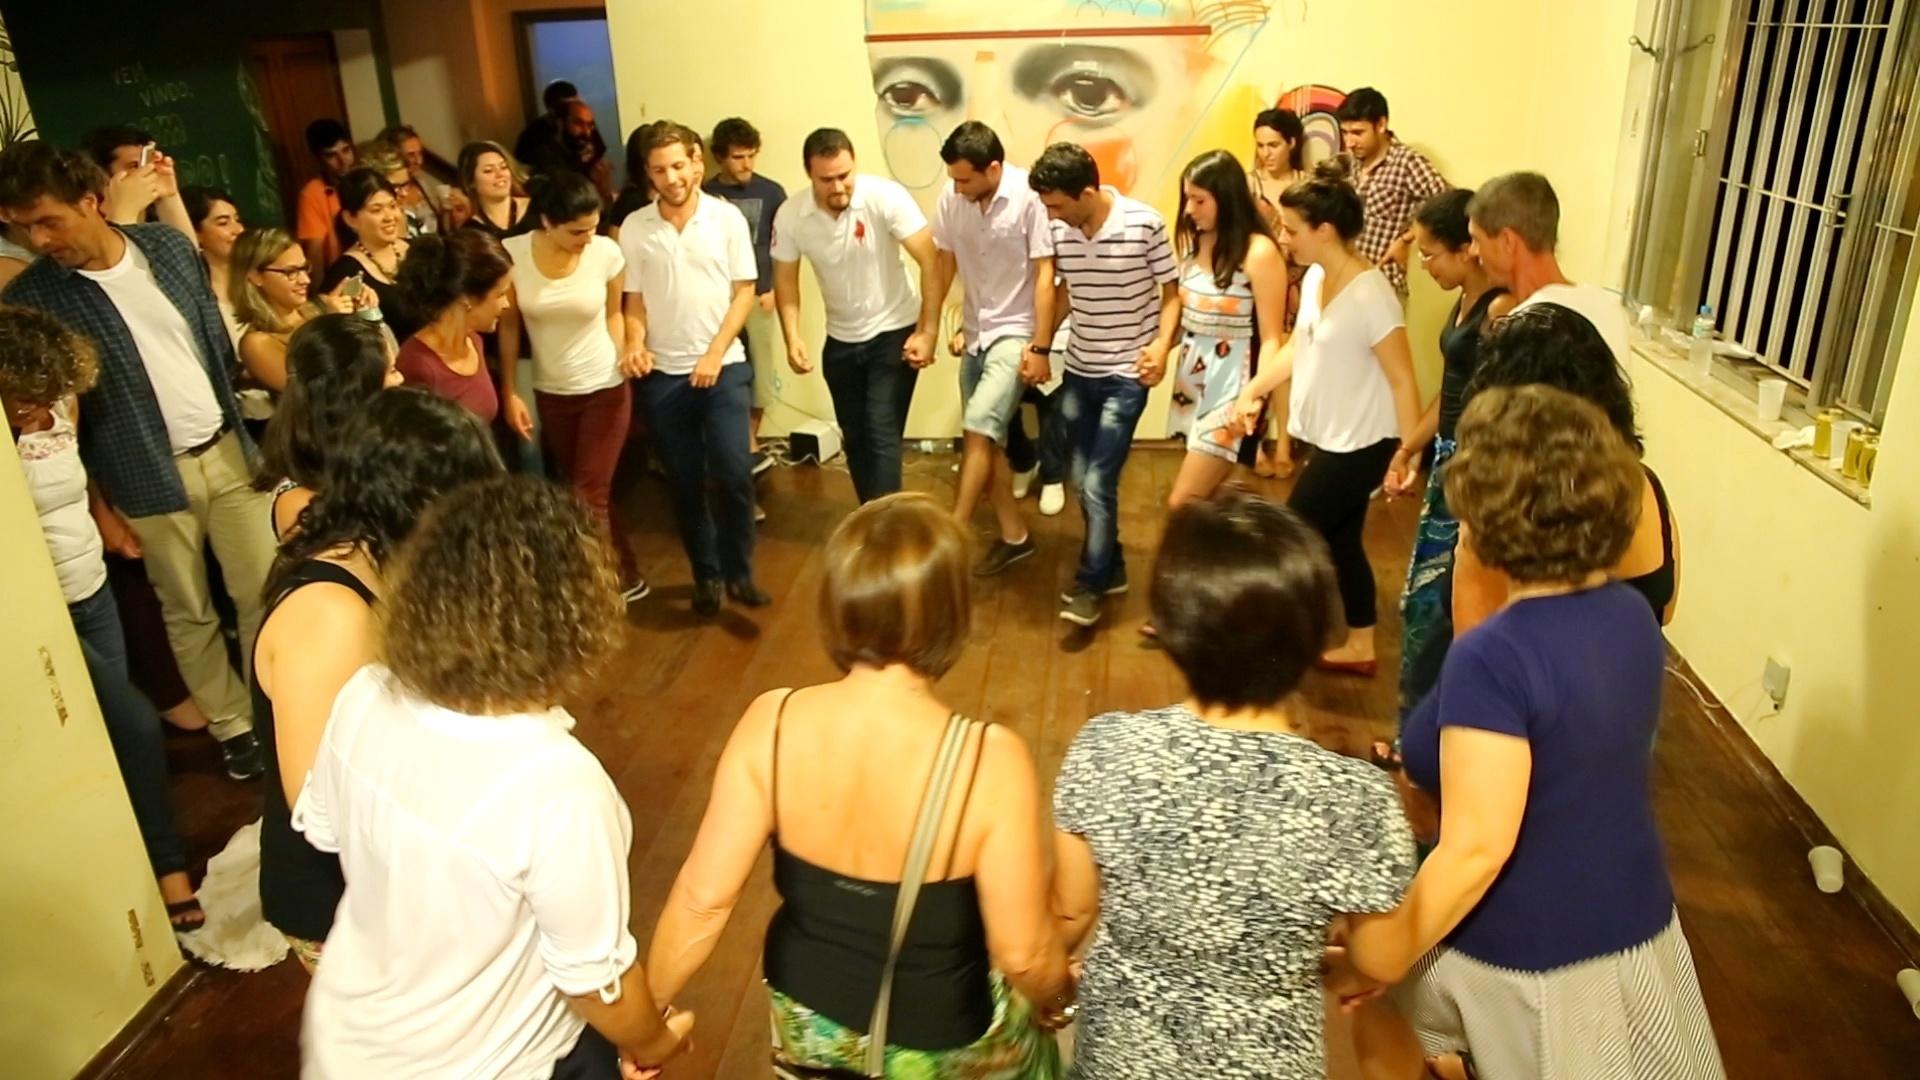 Ali Jeratli, refugiado sírio e professor de árabe da ONG Abraço Cultural, mostra alguns passos da dança tradicional síria para alunos da organização em aula cultural em São Paulo